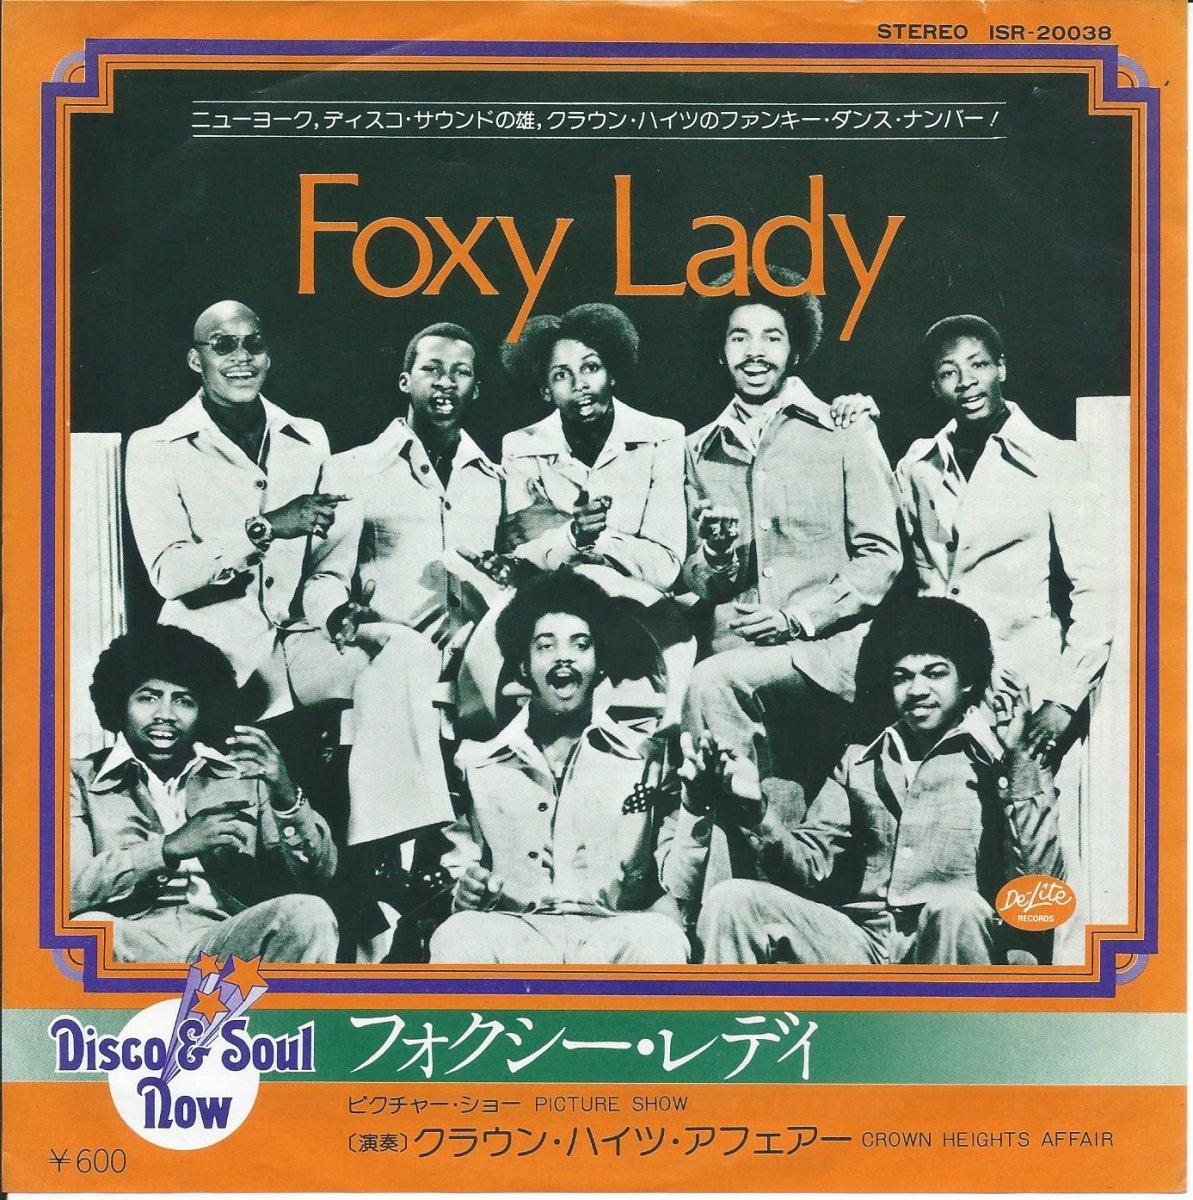 クラウン・ハイツ・アフェア CROWN HEIGHTS AFFAIR / フォクシー・レディ FOXY LADY (7